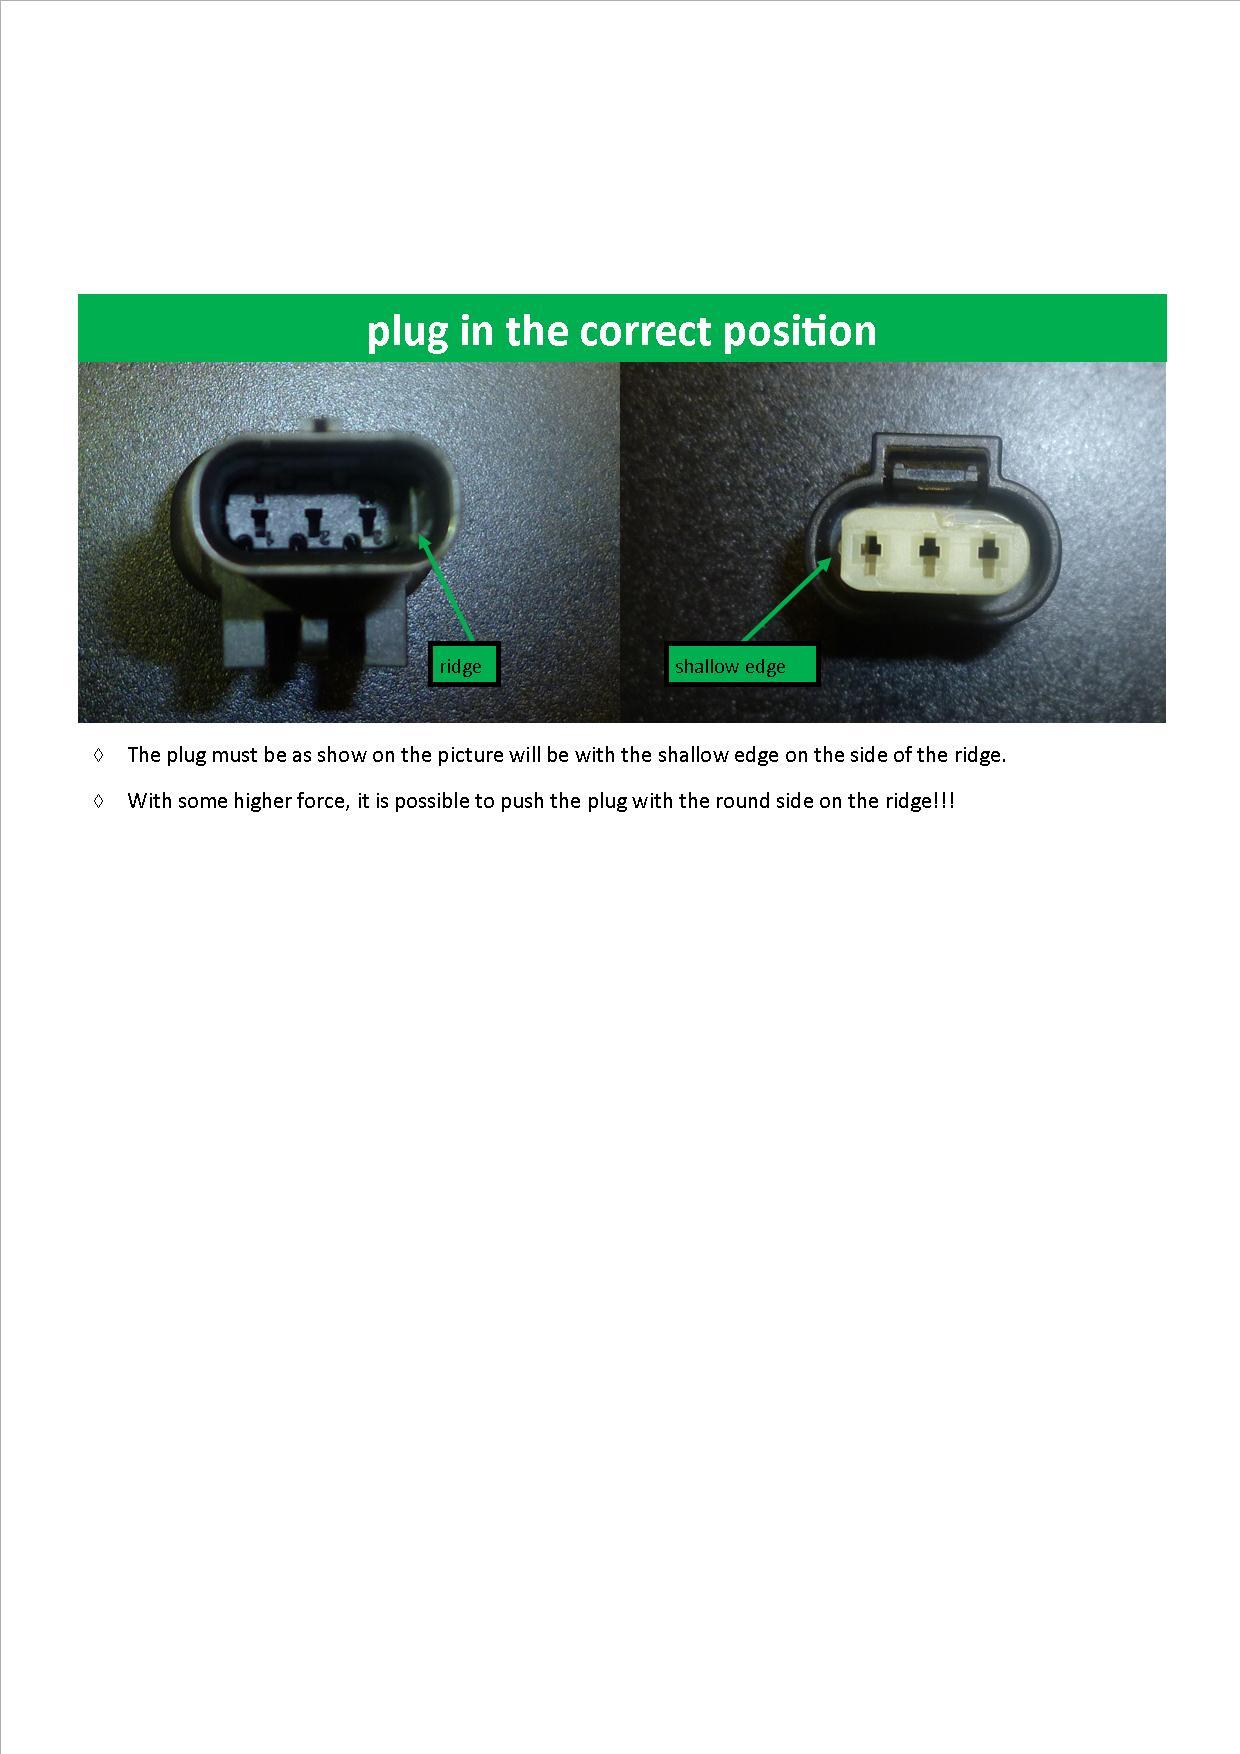 Plug Correct Position